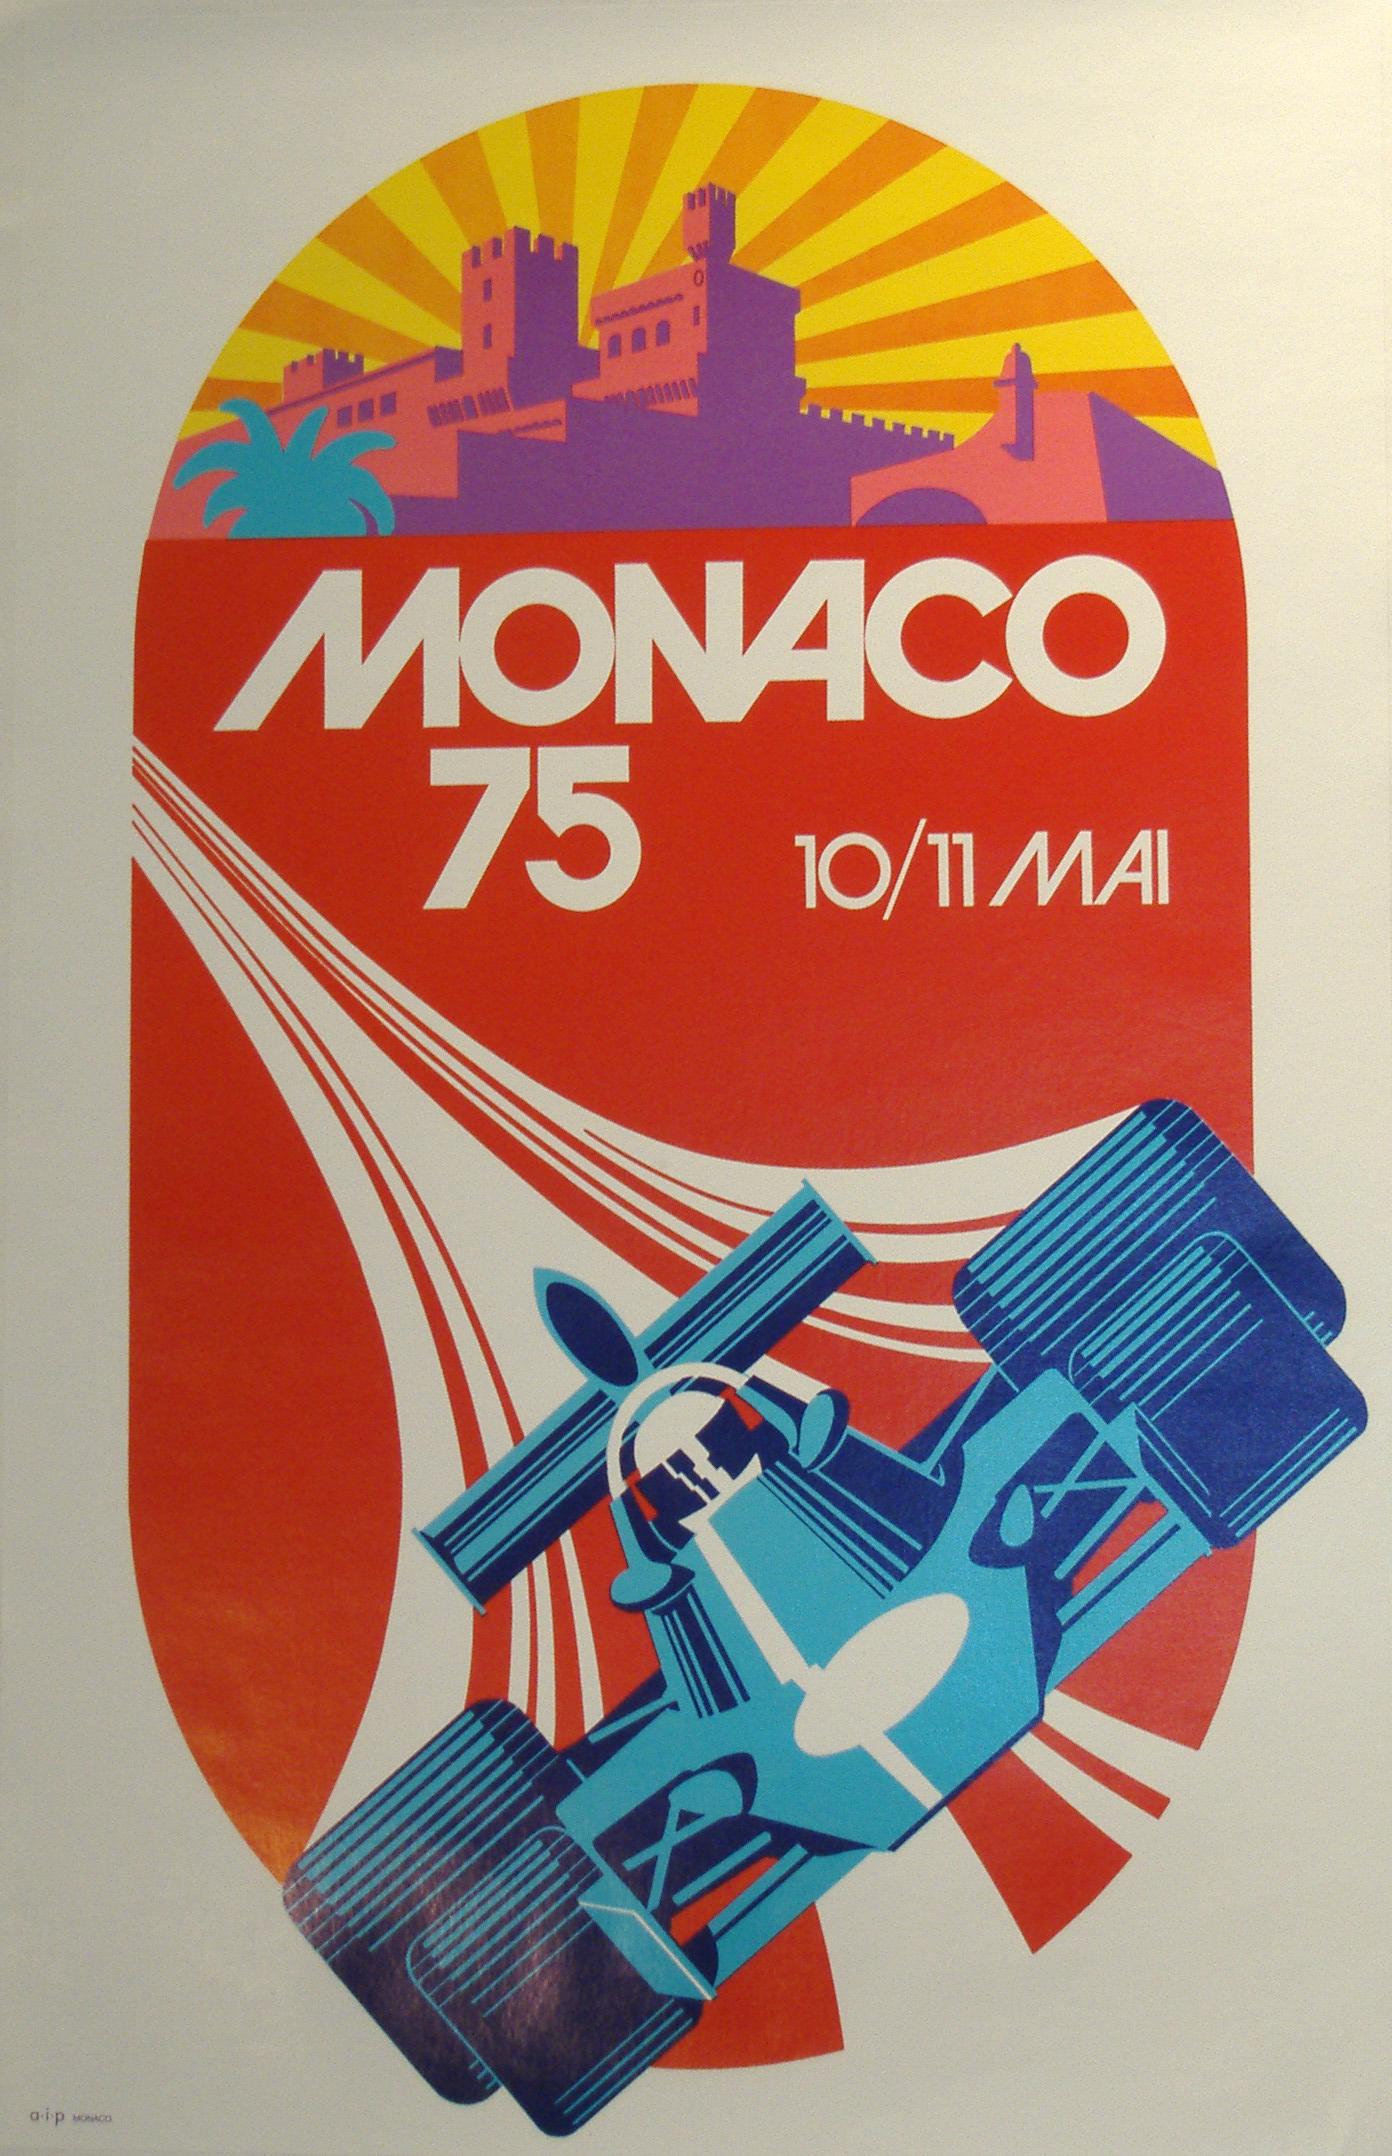 Image of Monaco Grand Prix 75 - WG00030